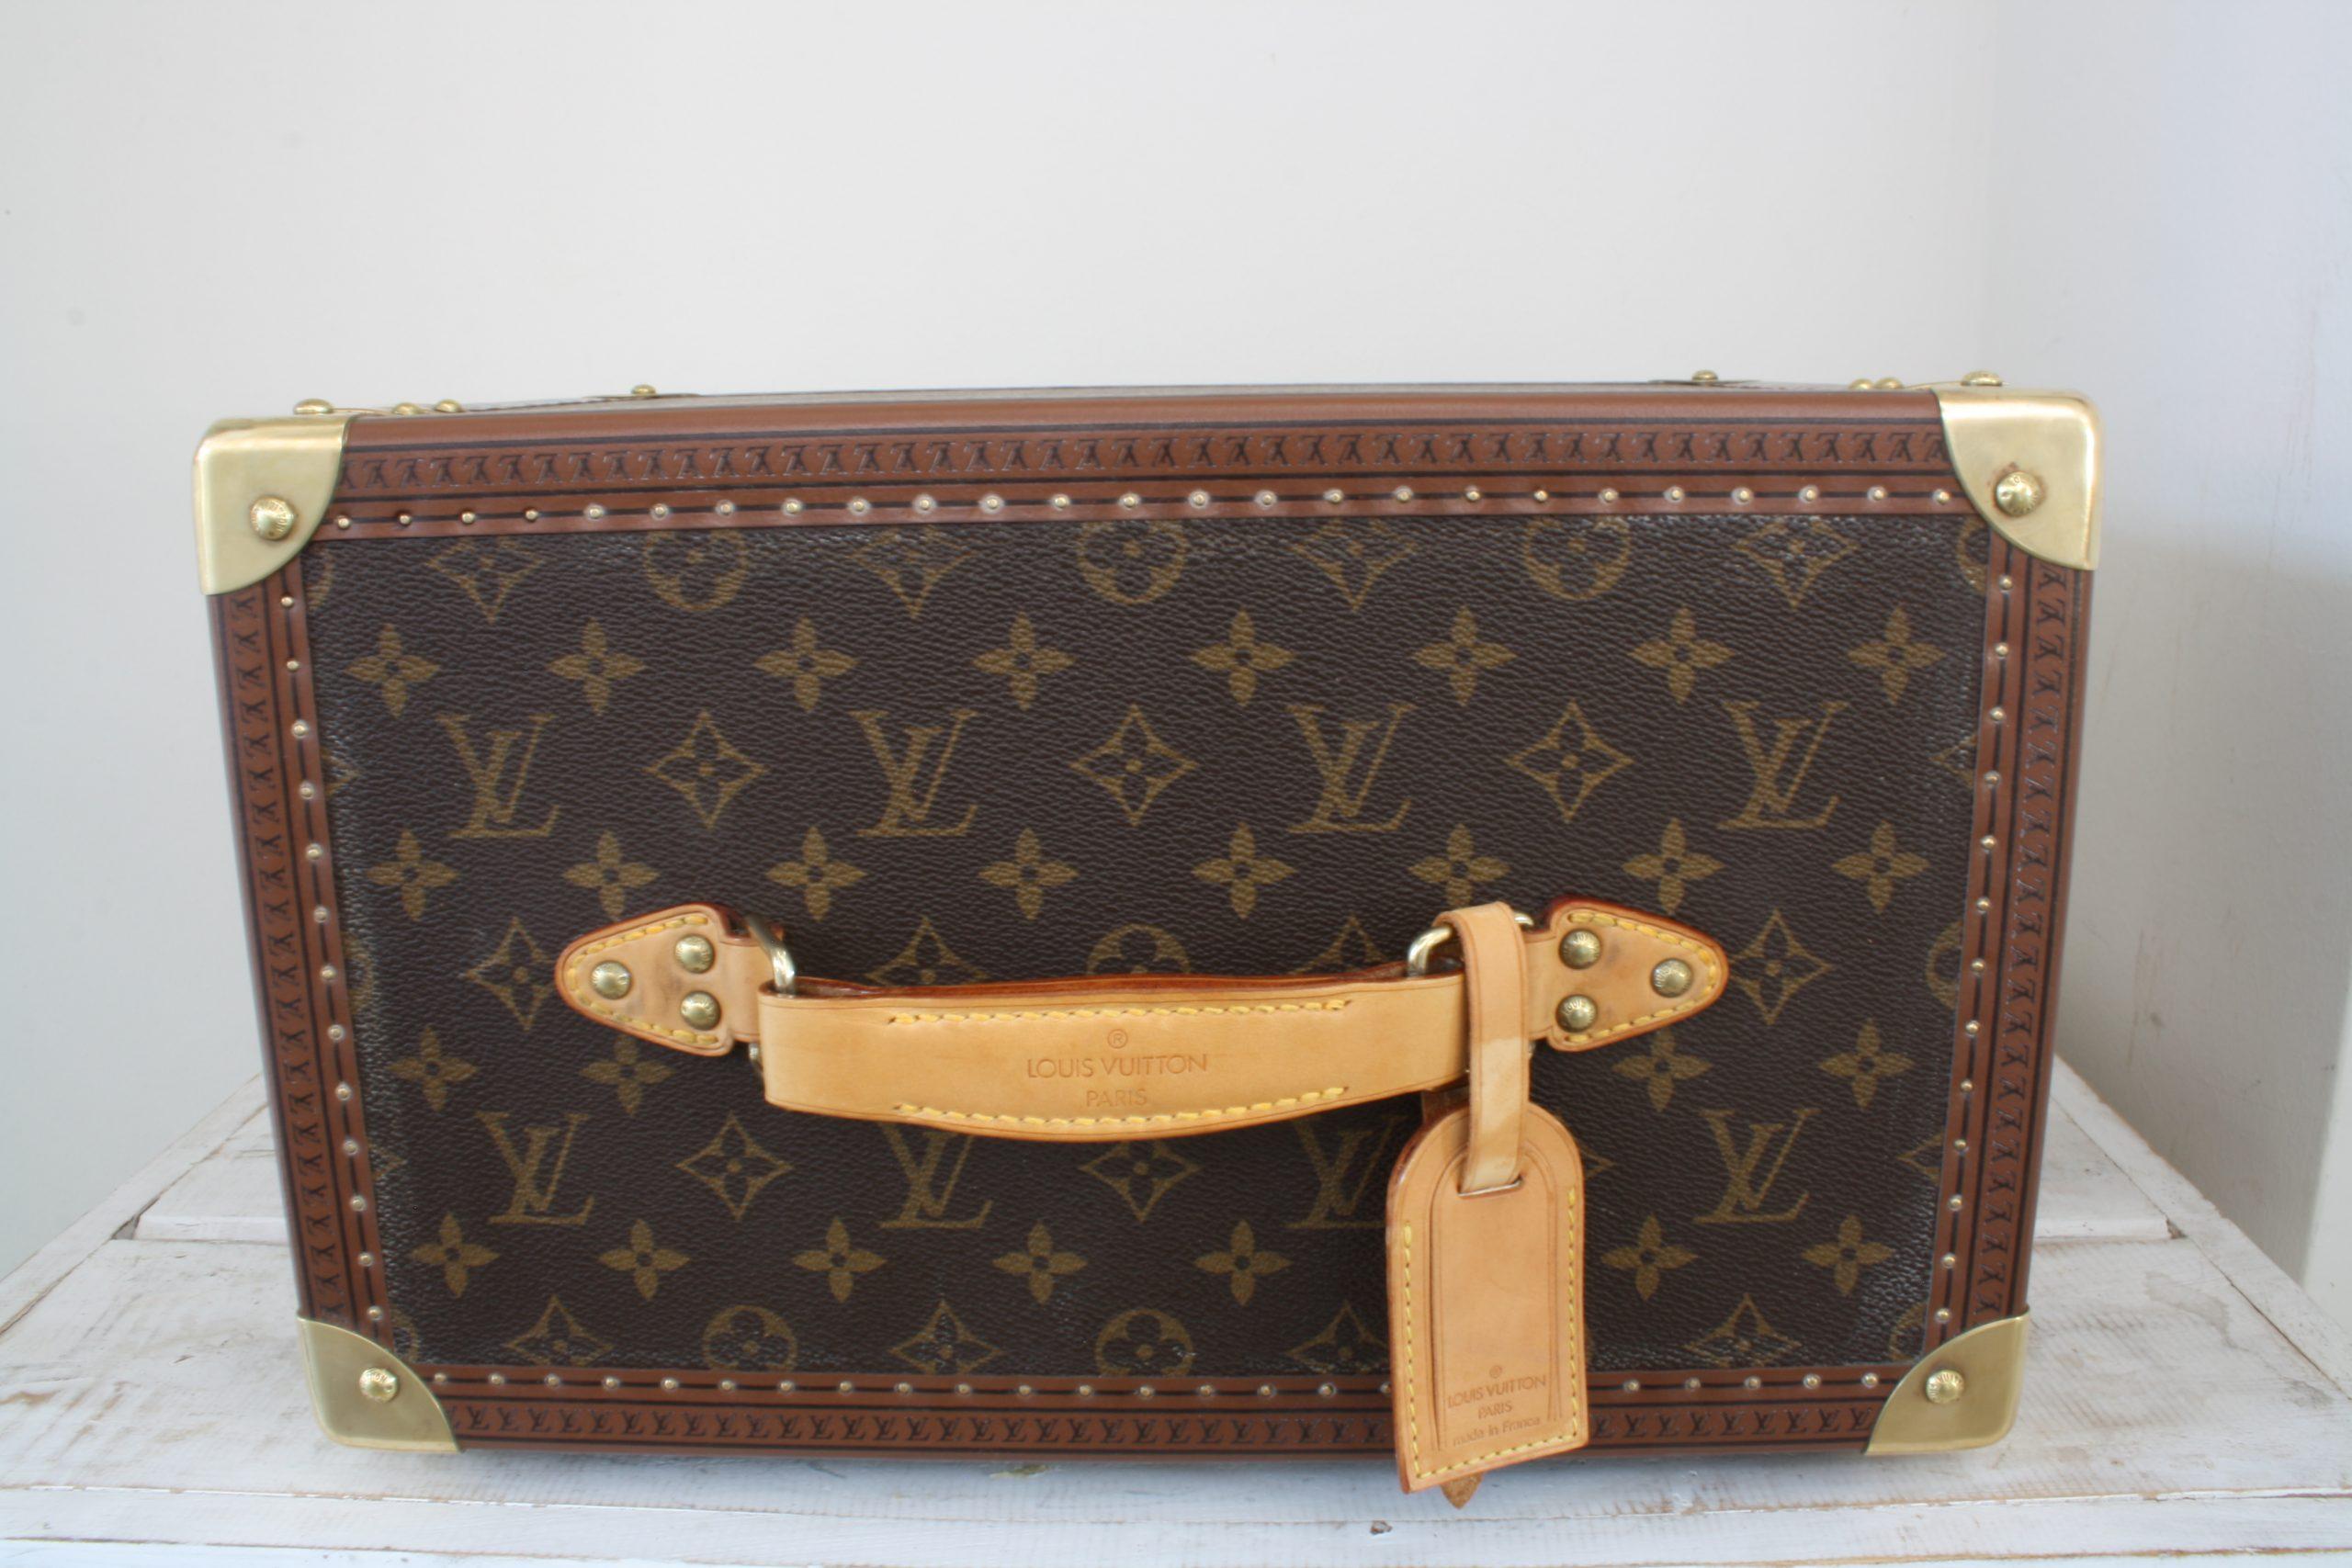 vintage-louis-vuitton-large-vanity-case-top